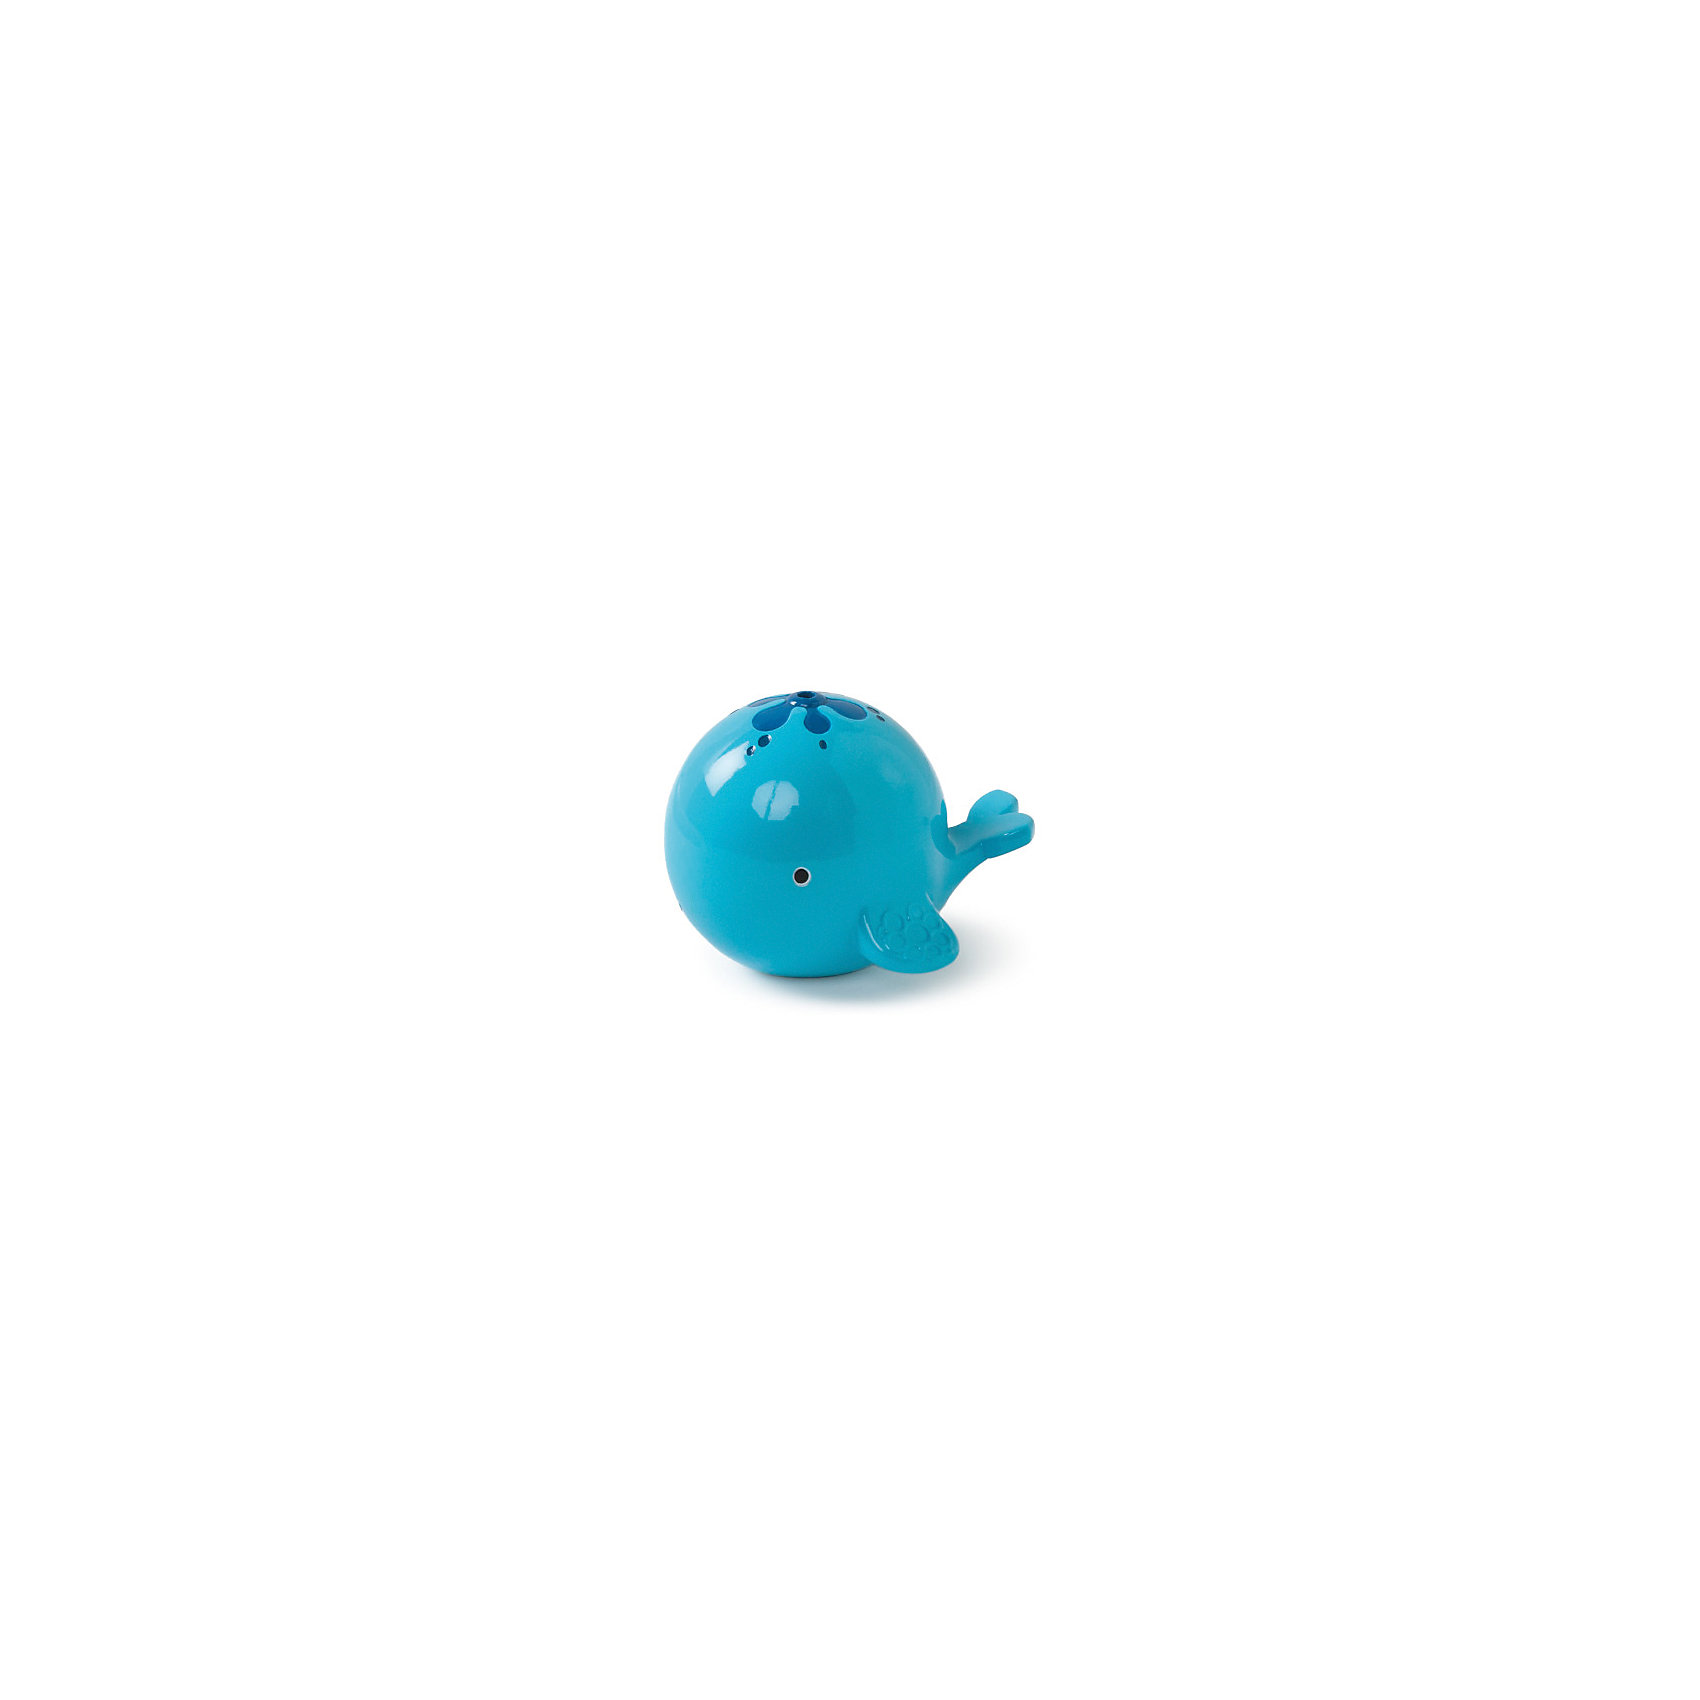 Игрушка для ванны «Кит», OballИгрушки для ванной<br>Игрушка для ванны Кит, Oball - забавная яркая игрушка, которая развлечет малыша во время купания. Игрушка выполнена в виде фигурки забавного голубого кита, который не тонет в воде. Сверху на спинке имеется отверстие, в которое можно наливать воду и она будет выливаться снизу фонтанчиком, забавляя малыша. Округлая форма кита и удобный размер позволяют ребенку без труда захватывать его своими пальчиками. Материал представляет собой качественный мягкий пластик, не содержащий вредных веществ. Игрушка развивает воображение, цветовое и тактильное восприятие, тренирует мелкую моторику.<br><br>Дополнительная информация:<br><br>- Материал: пластик.<br>- Размер игрушки: 13,5 х 5 х 10,5 см. <br>- Размер упаковки: 16,5 х 6,5 х 19 см. <br>- Вес: 100 гр.<br><br>Игрушку для ванны Кит, Oball, можно купить в нашем интернет-магазине.<br><br>Ширина мм: 179<br>Глубина мм: 157<br>Высота мм: 60<br>Вес г: 74<br>Возраст от месяцев: 0<br>Возраст до месяцев: 36<br>Пол: Унисекс<br>Возраст: Детский<br>SKU: 4222559